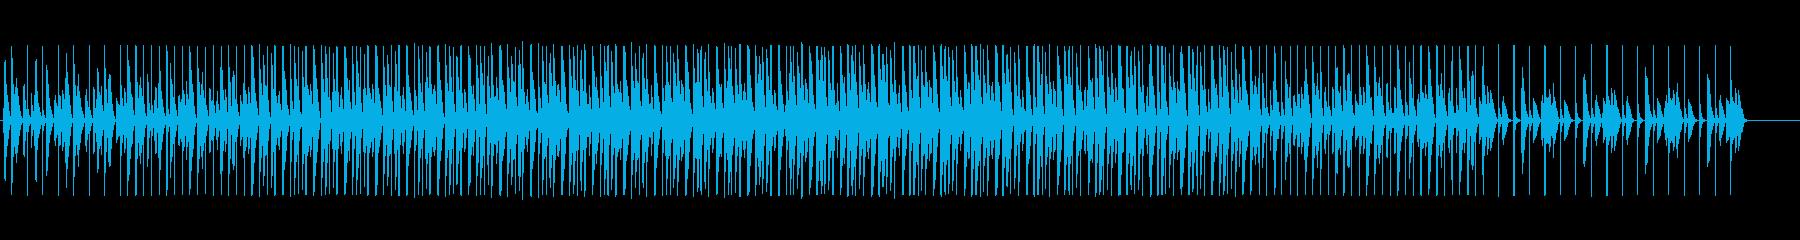 手拍子とピッチカートのウキウキBGM 2の再生済みの波形